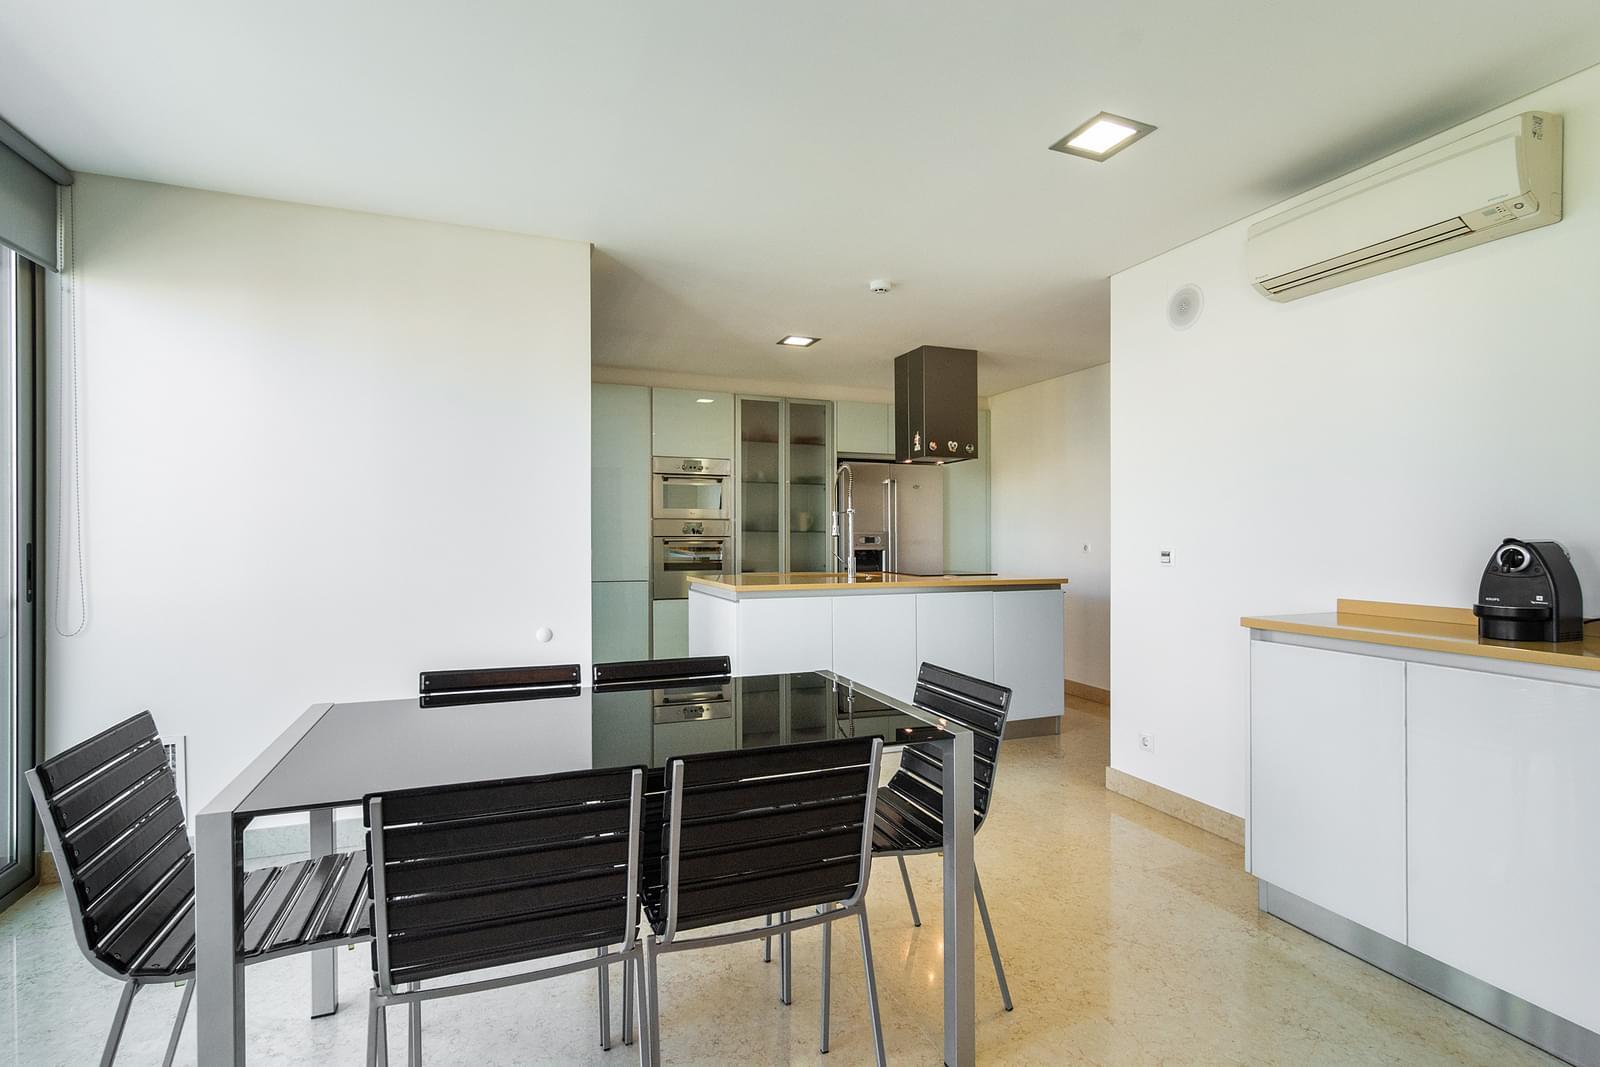 pf14588-apartamento-t5-lisboa-48cda811-de3d-4747-999d-c73bcccb28c6